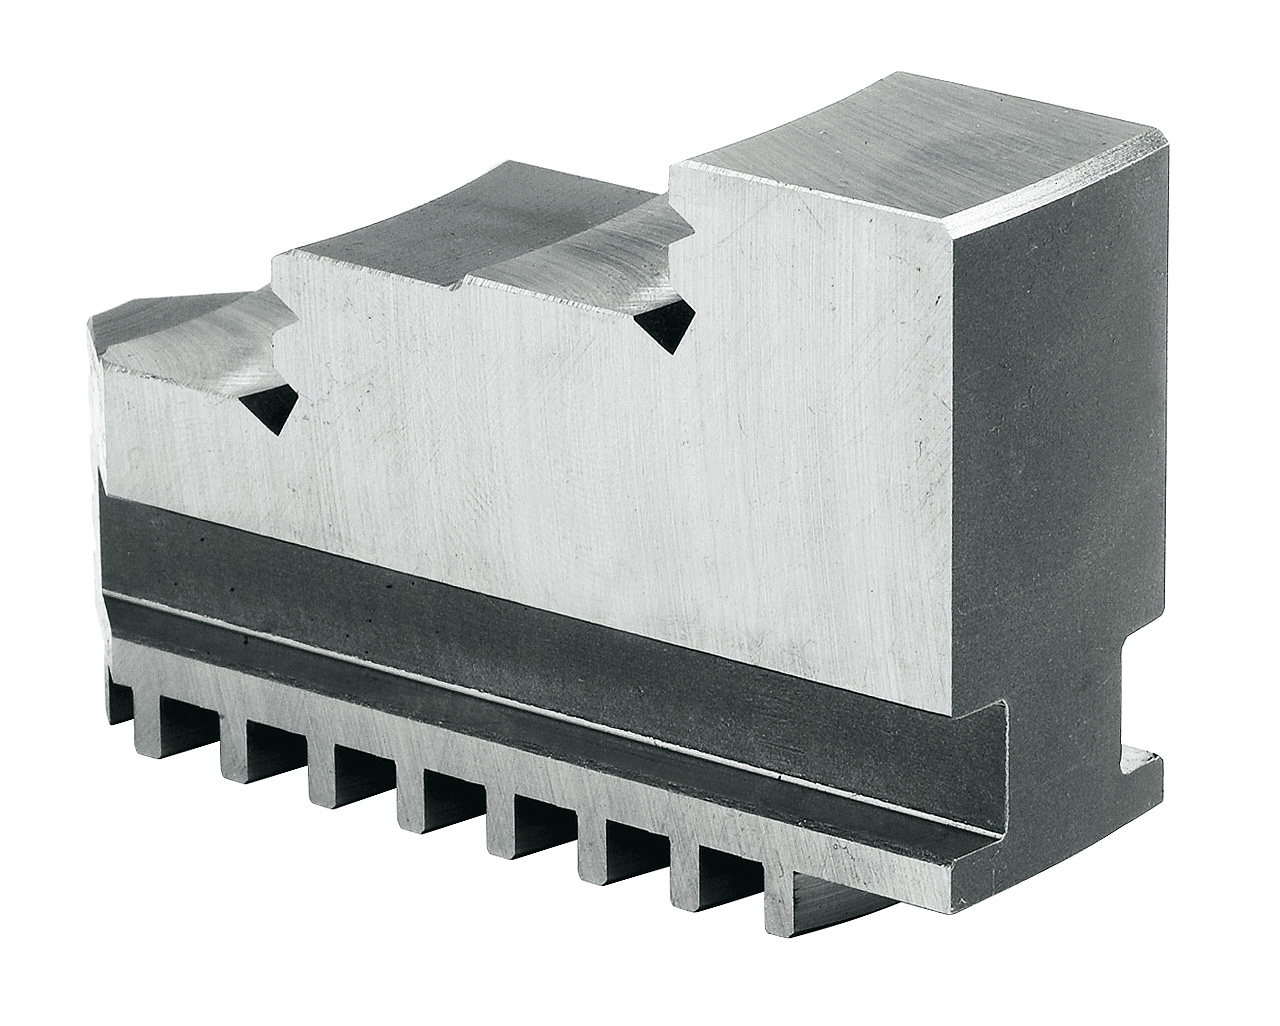 Szczęki jednolite twarde wewnętrzne - komplet DIJ-DK11-125 BERNARDO